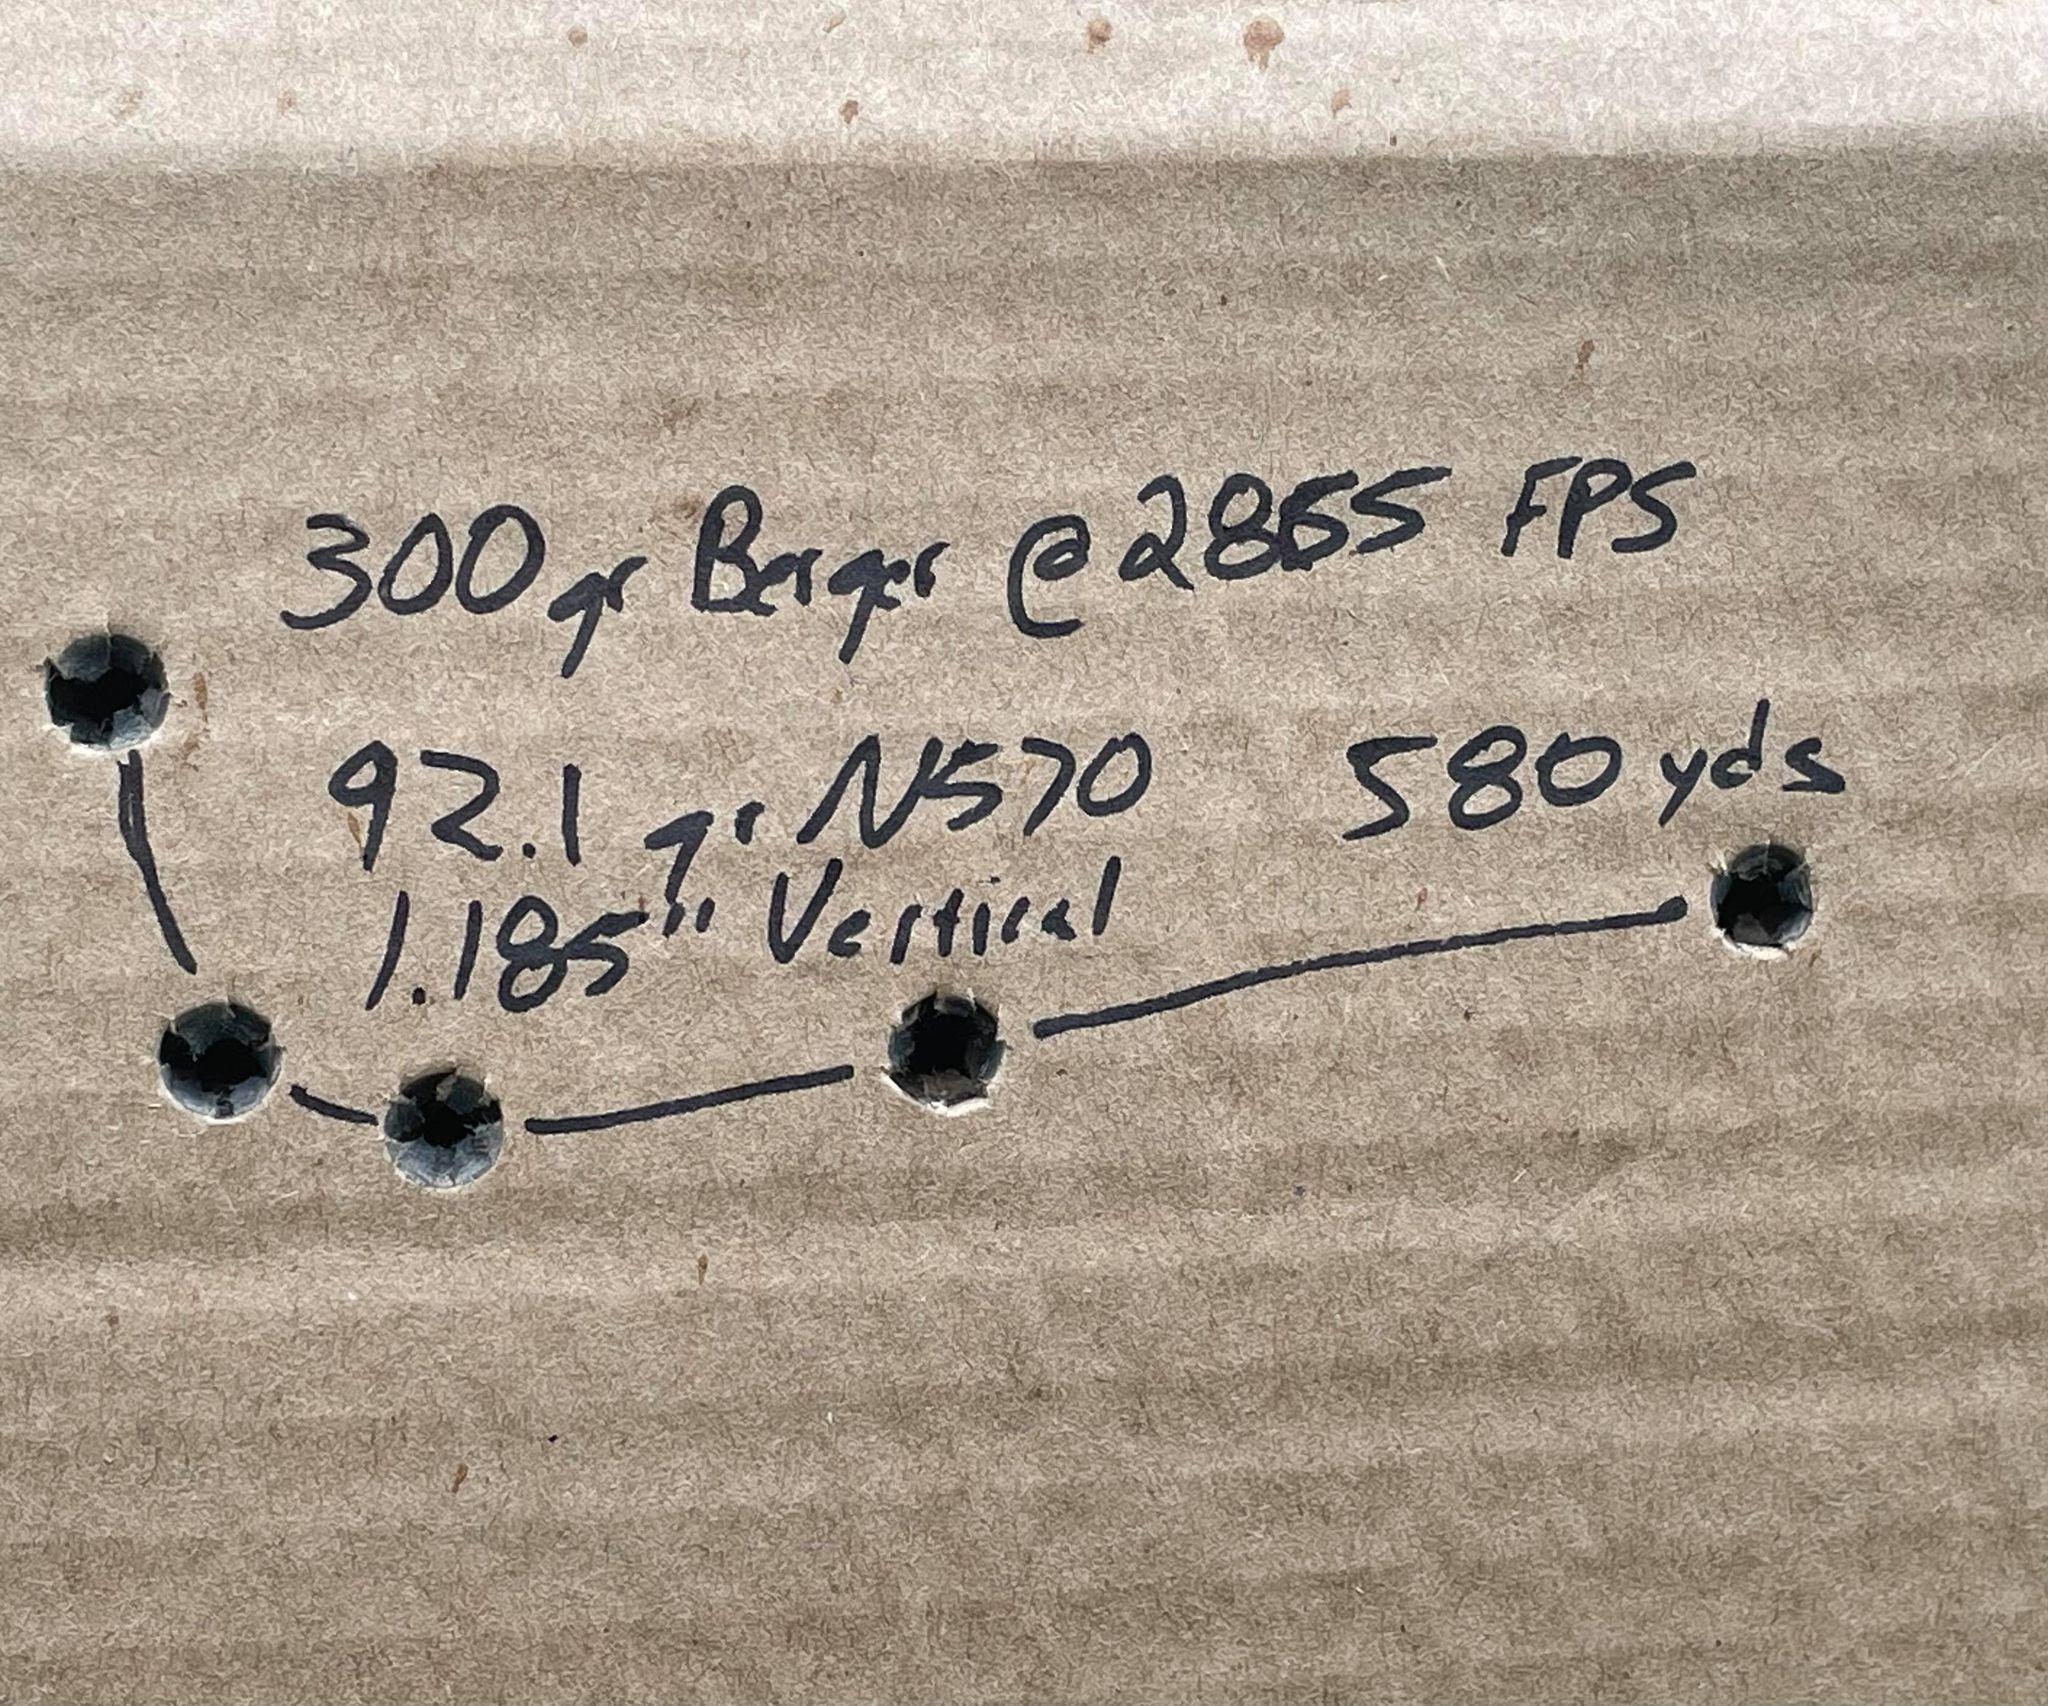 338 nmi group at 580.jpg